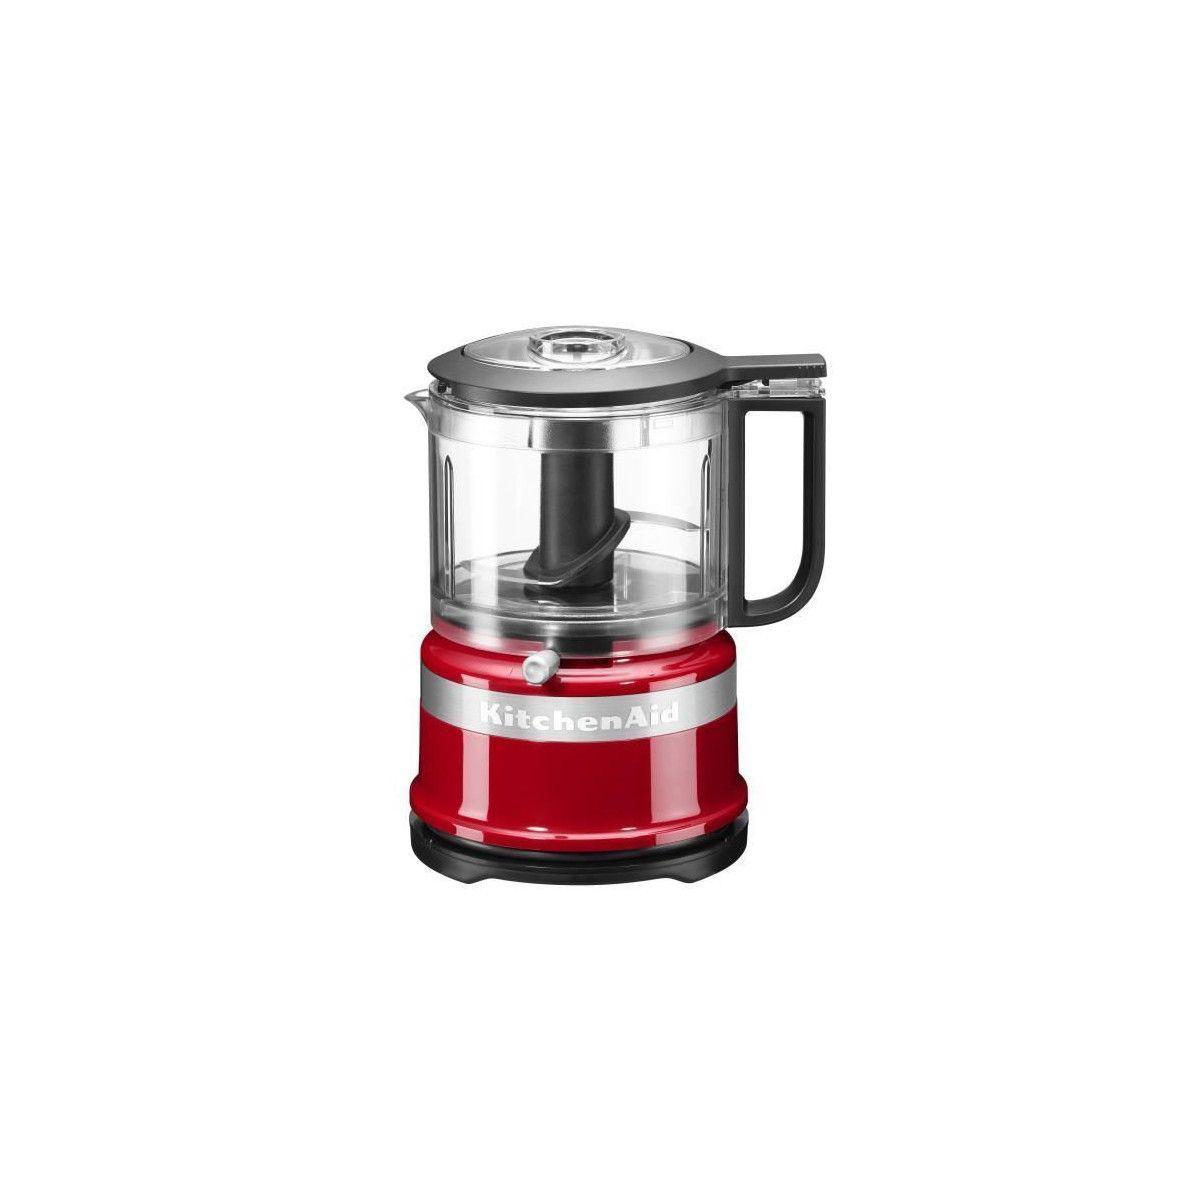 Kitchenaid Kitchenaid 5kfc3516eer Mini Hachoir - Rouge Empire